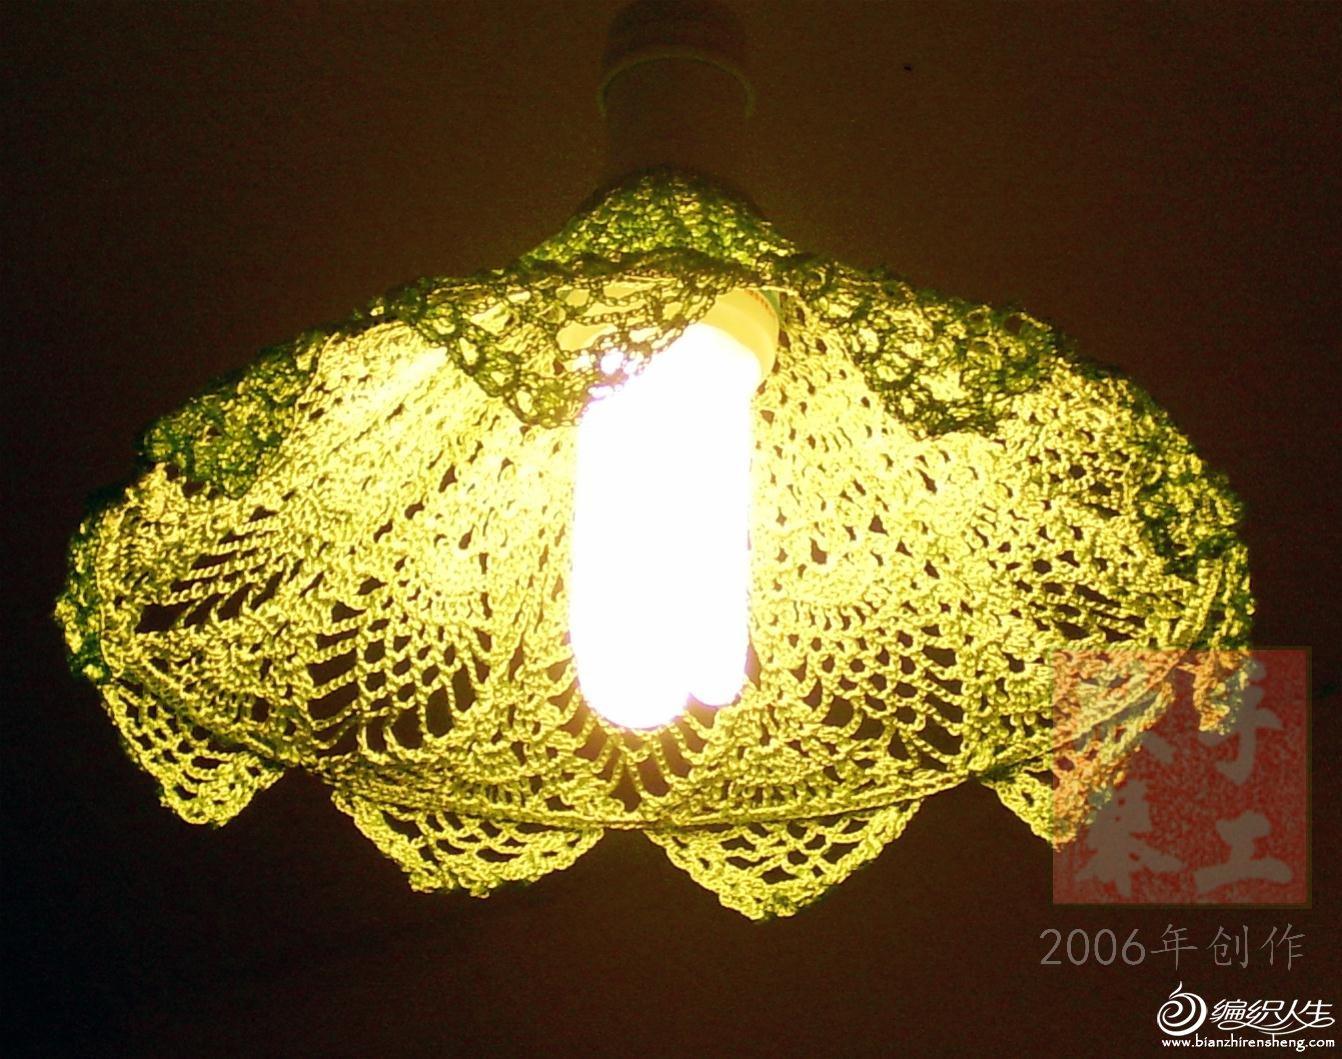 个性灯罩06年作品 (5).JPG